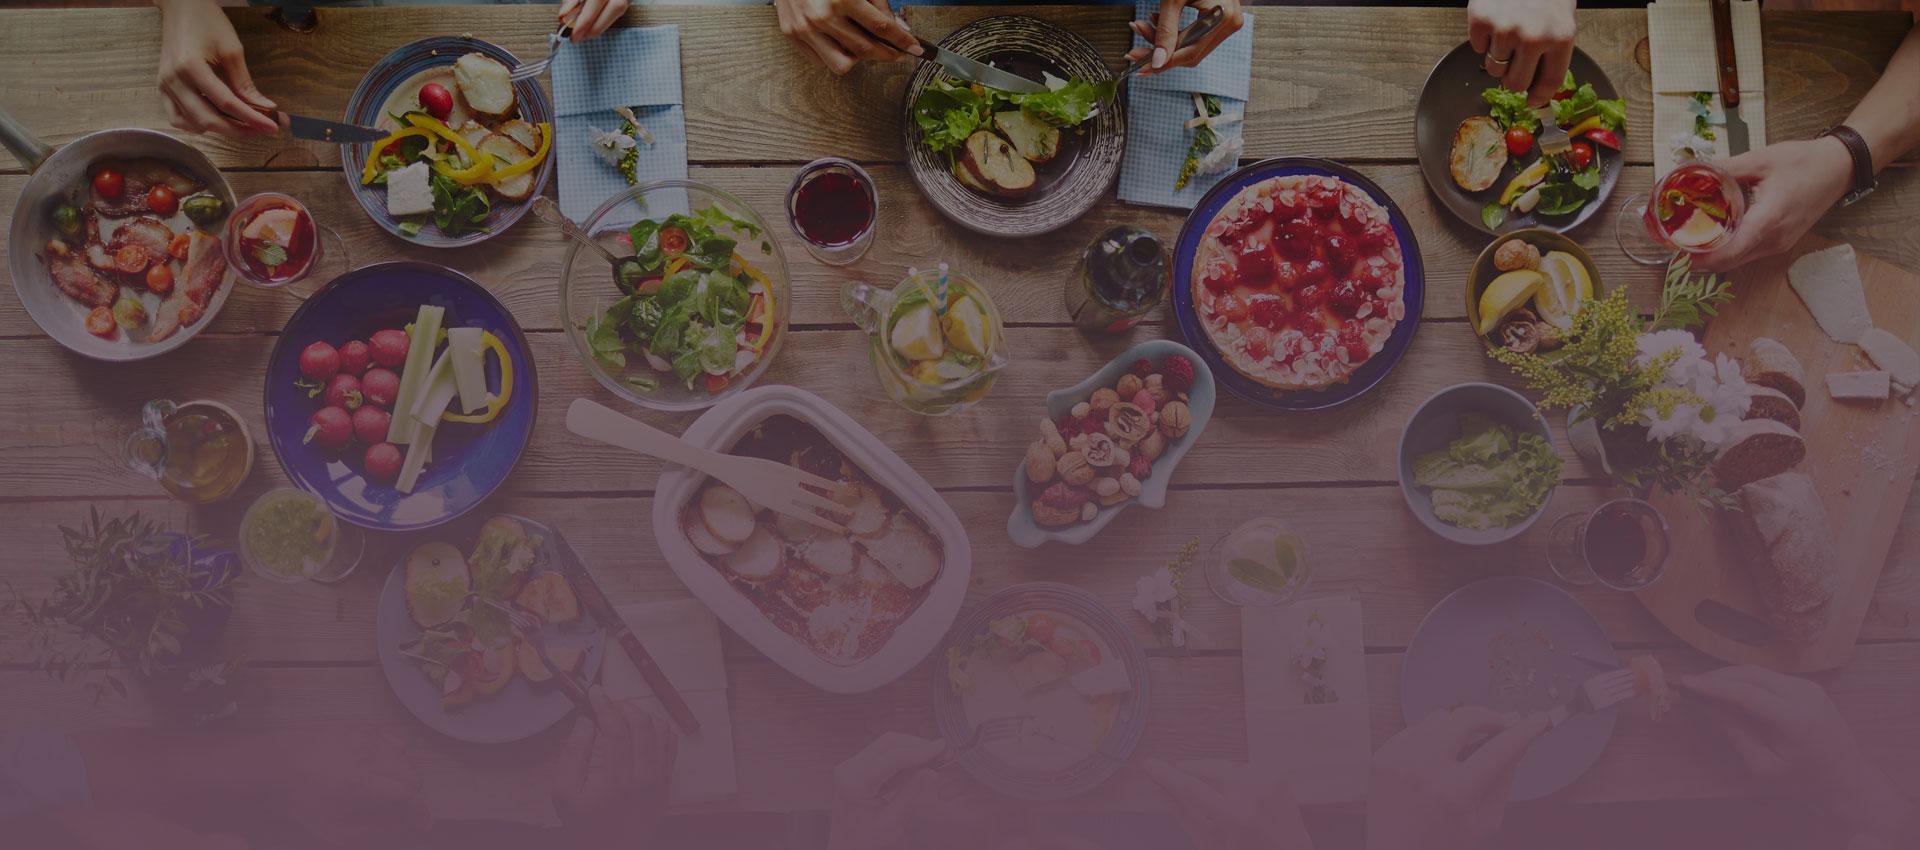 La recette de cuisine qu'il vous faut pour épater vos invités